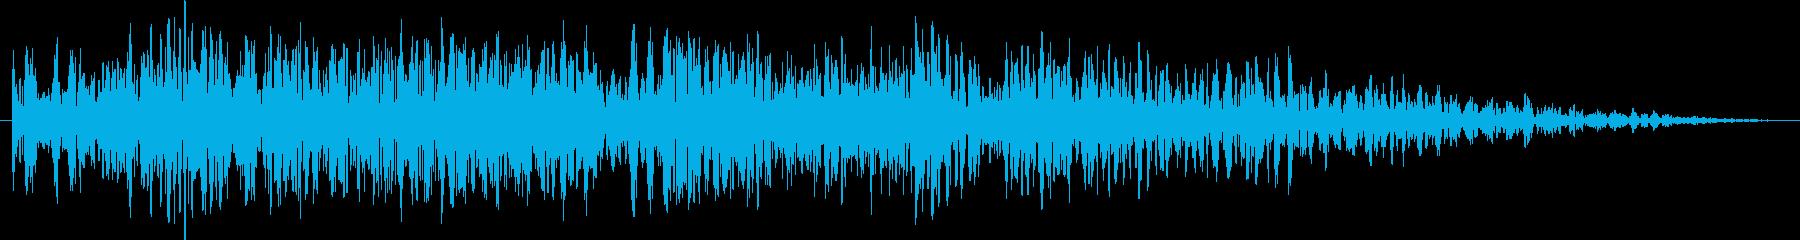 爆発(遠距離で炸裂)の再生済みの波形